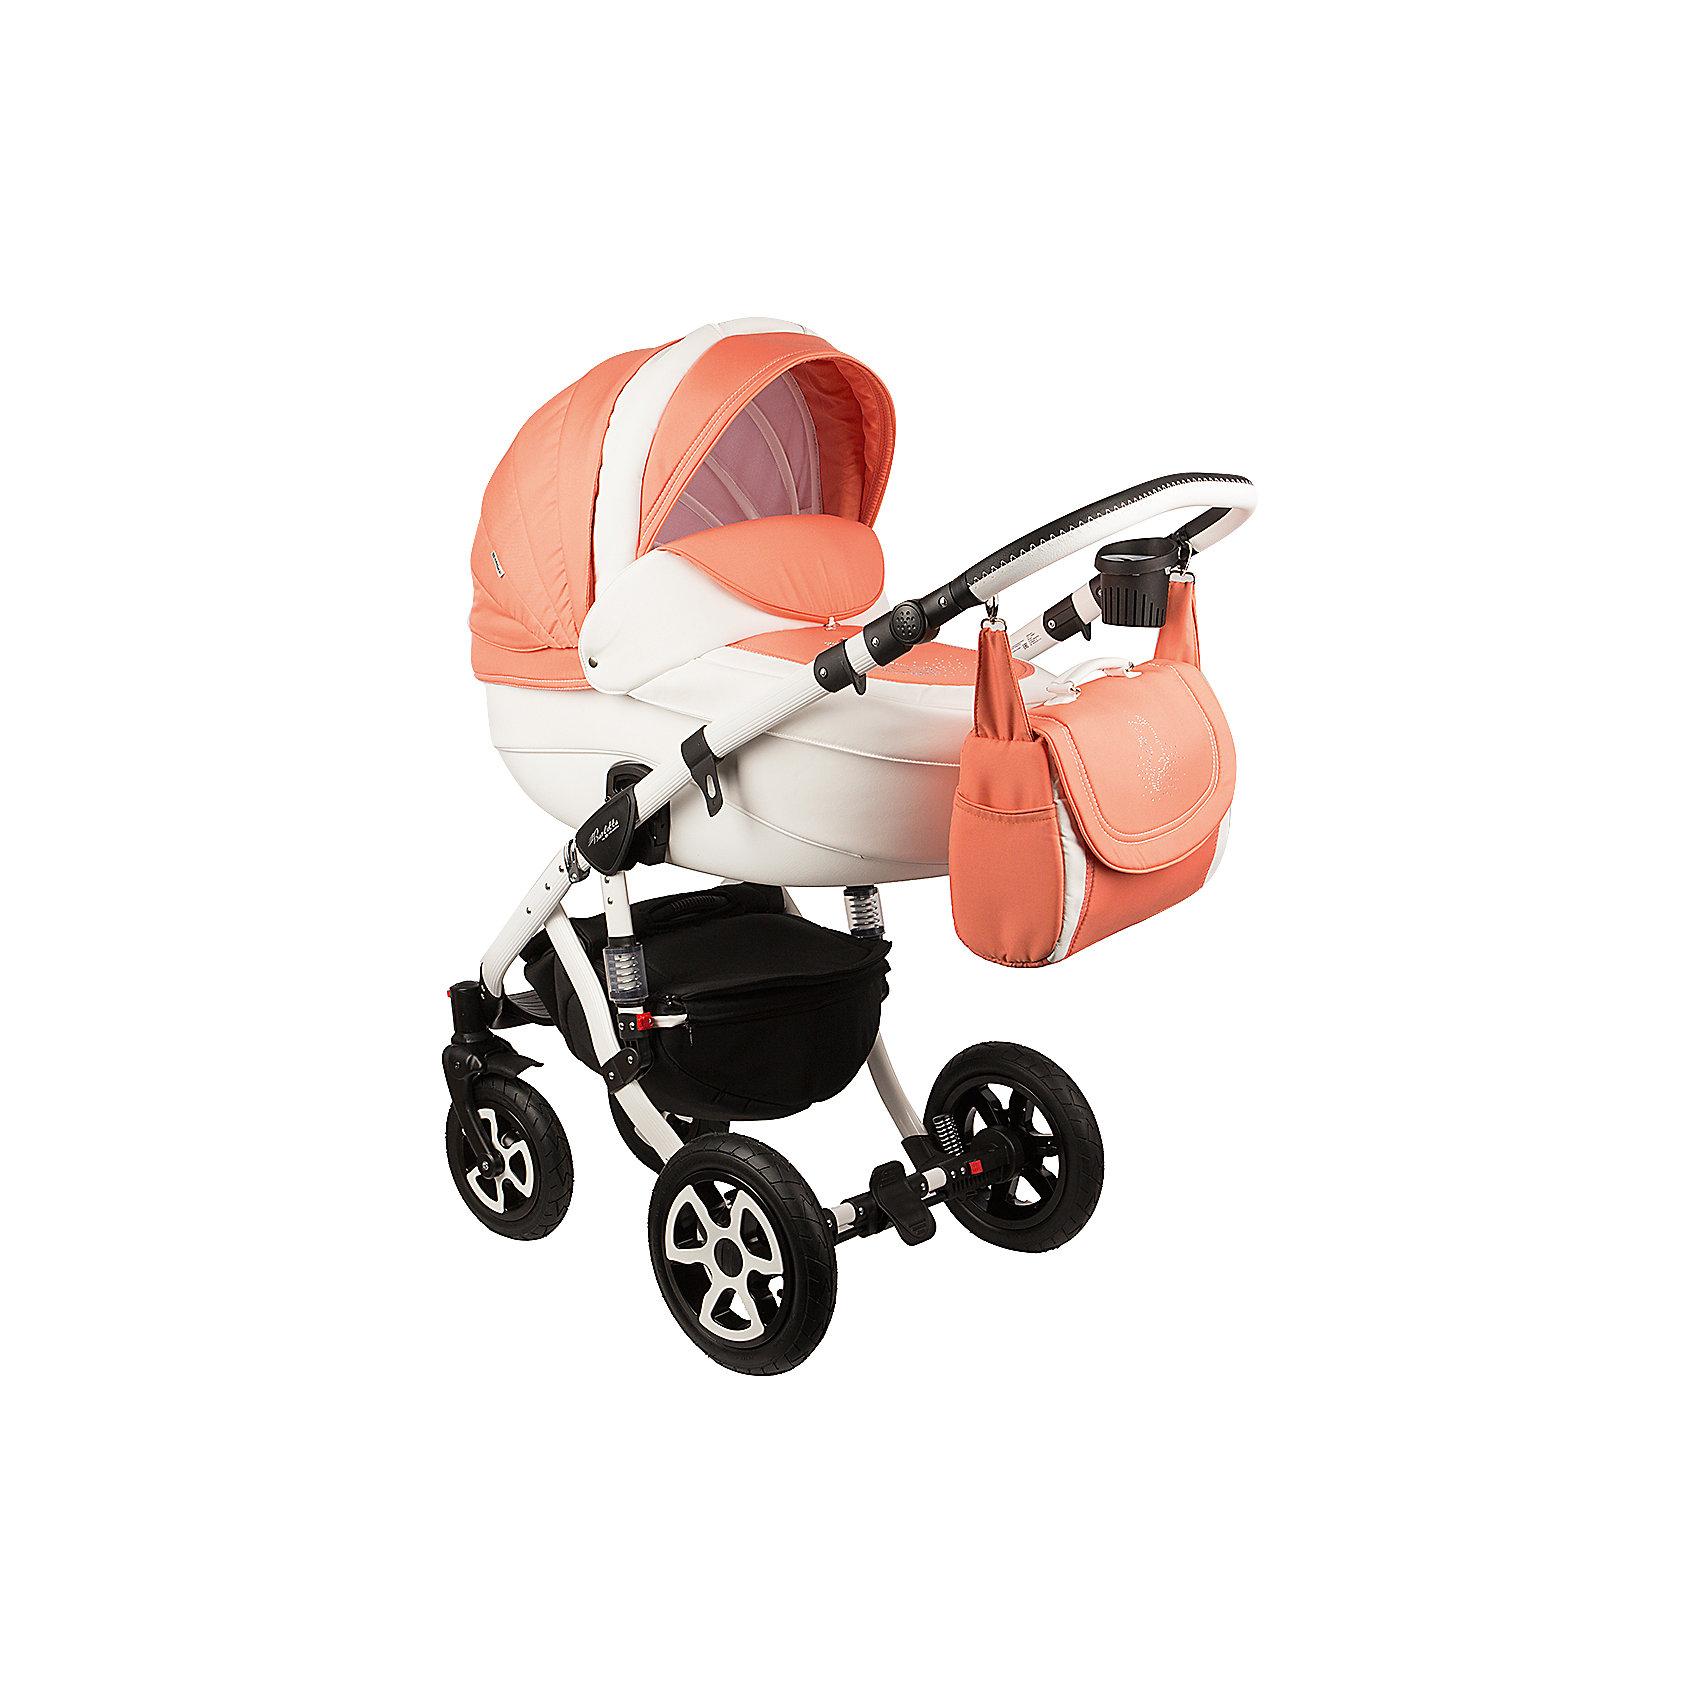 Коляска 2 в 1 Adamex Barletta, Лисёнок белый/оранжевыйКоляски 2 в 1<br>Стильная коляска выполнена в современном и удобном дизайне. Прочная и удобная коляска позволит перевозить ребенка, не беспокоясь при этом о его безопасности. Приятный цвет коляски практичен и универсален. За счет продуманной формы колес и амортизации коляска отлично будет ехать как по не ровной дороге, так и по снегу. Коляска легкая и прочная.<br>На коляске - колеса разного размера, поэтому конструкция - очень устойчивая. Модель дополнена 5-точечными ремнями безопасности. Изделие произведено из качественных и безопасных для малышей материалов, оно соответствуют всем современным требованиям безопасности.<br><br>Дополнительная информация:<br><br>цвет: белый, оранжевый;<br>механизм складывания: книжка; <br>тип колес: надувные; <br>пятиточечные ремни безопасности; <br>четыре положения спинки; <br>регулировка положений ручки и подножки; <br>материал рамы: алюминий; <br>съёмный бампер; <br>мягкие накладки на внутренних ремнях безопасности; <br>передние колеса поворотные с возможностью фиксации; <br>система амортизации - пружины;<br>вес: 15.4 кг; <br>размер коляски: 106х124х60 см. <br><br>Коляска 2 в 1 Barletta, Лисёнок белый/оранжевый от компании Adamex можно купить в нашем магазине.<br><br>Ширина мм: 970<br>Глубина мм: 600<br>Высота мм: 660<br>Вес г: 20700<br>Возраст от месяцев: 0<br>Возраст до месяцев: 36<br>Пол: Женский<br>Возраст: Детский<br>SKU: 4778498